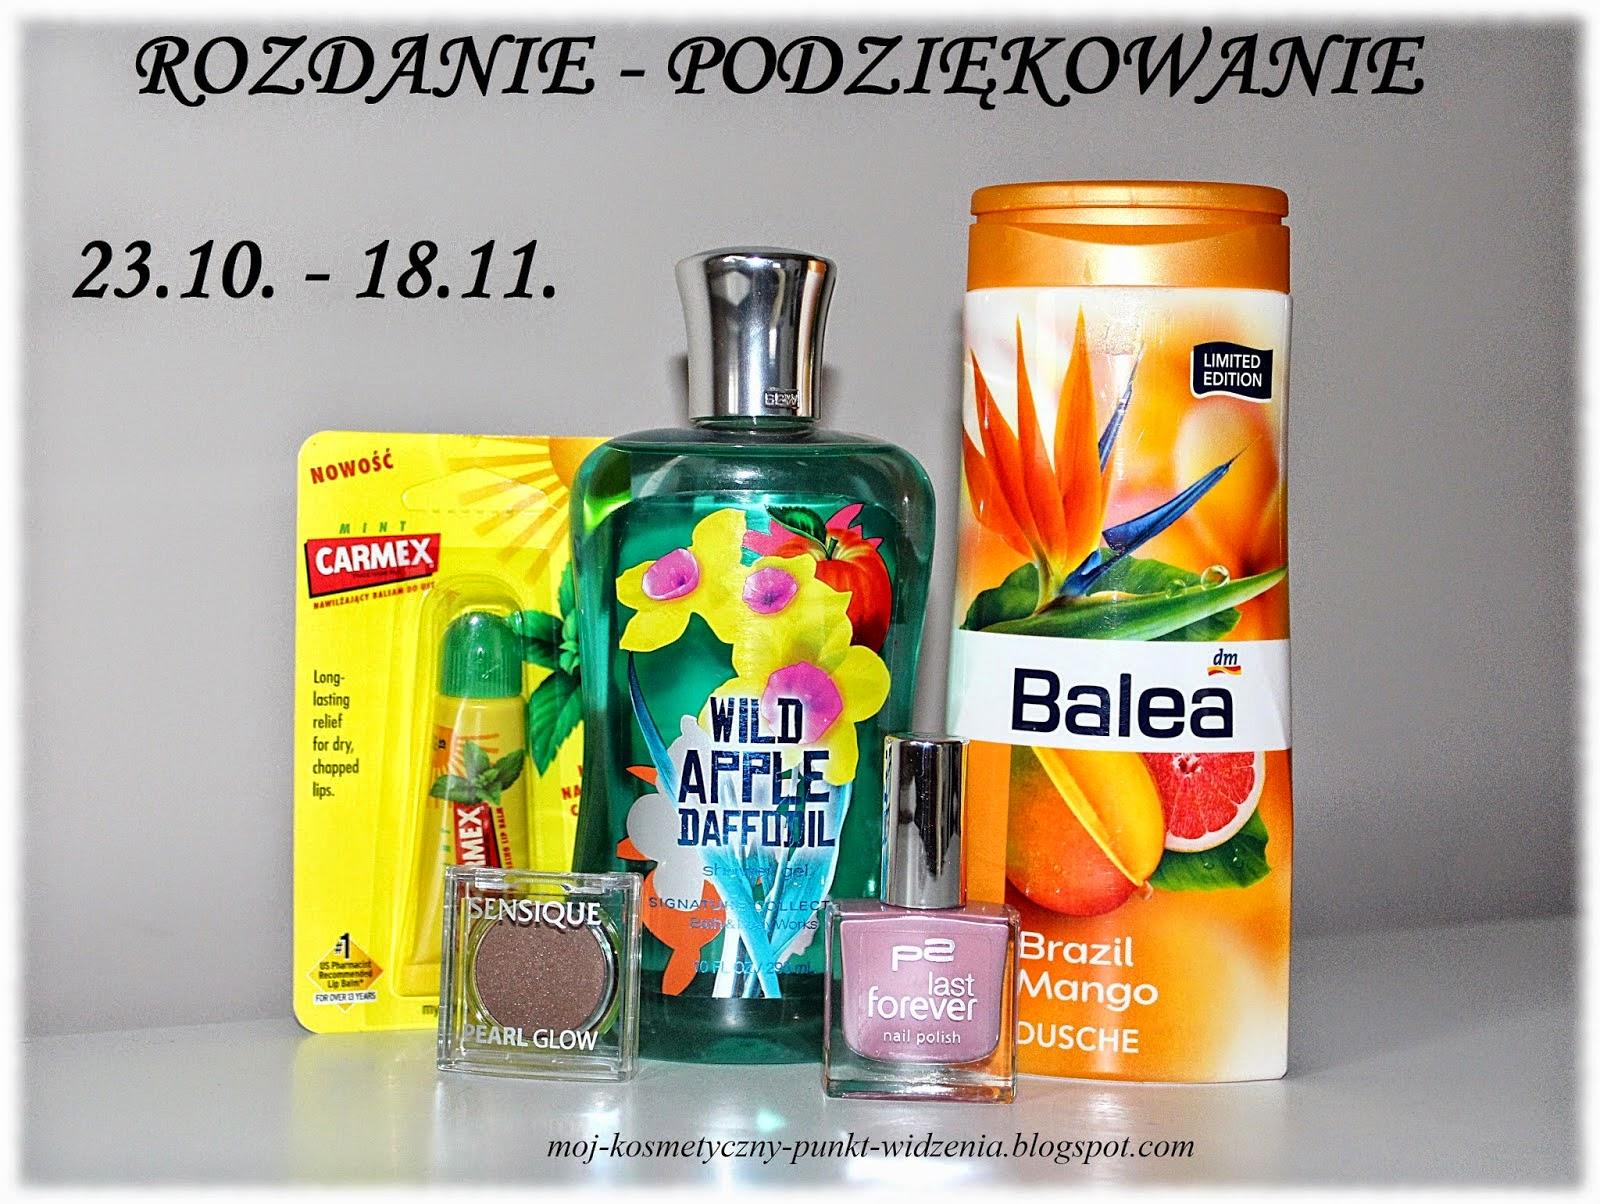 http://moj-kosmetyczny-punkt-widzenia.blogspot.com/2014/10/rozdanie-podziekowanie.html